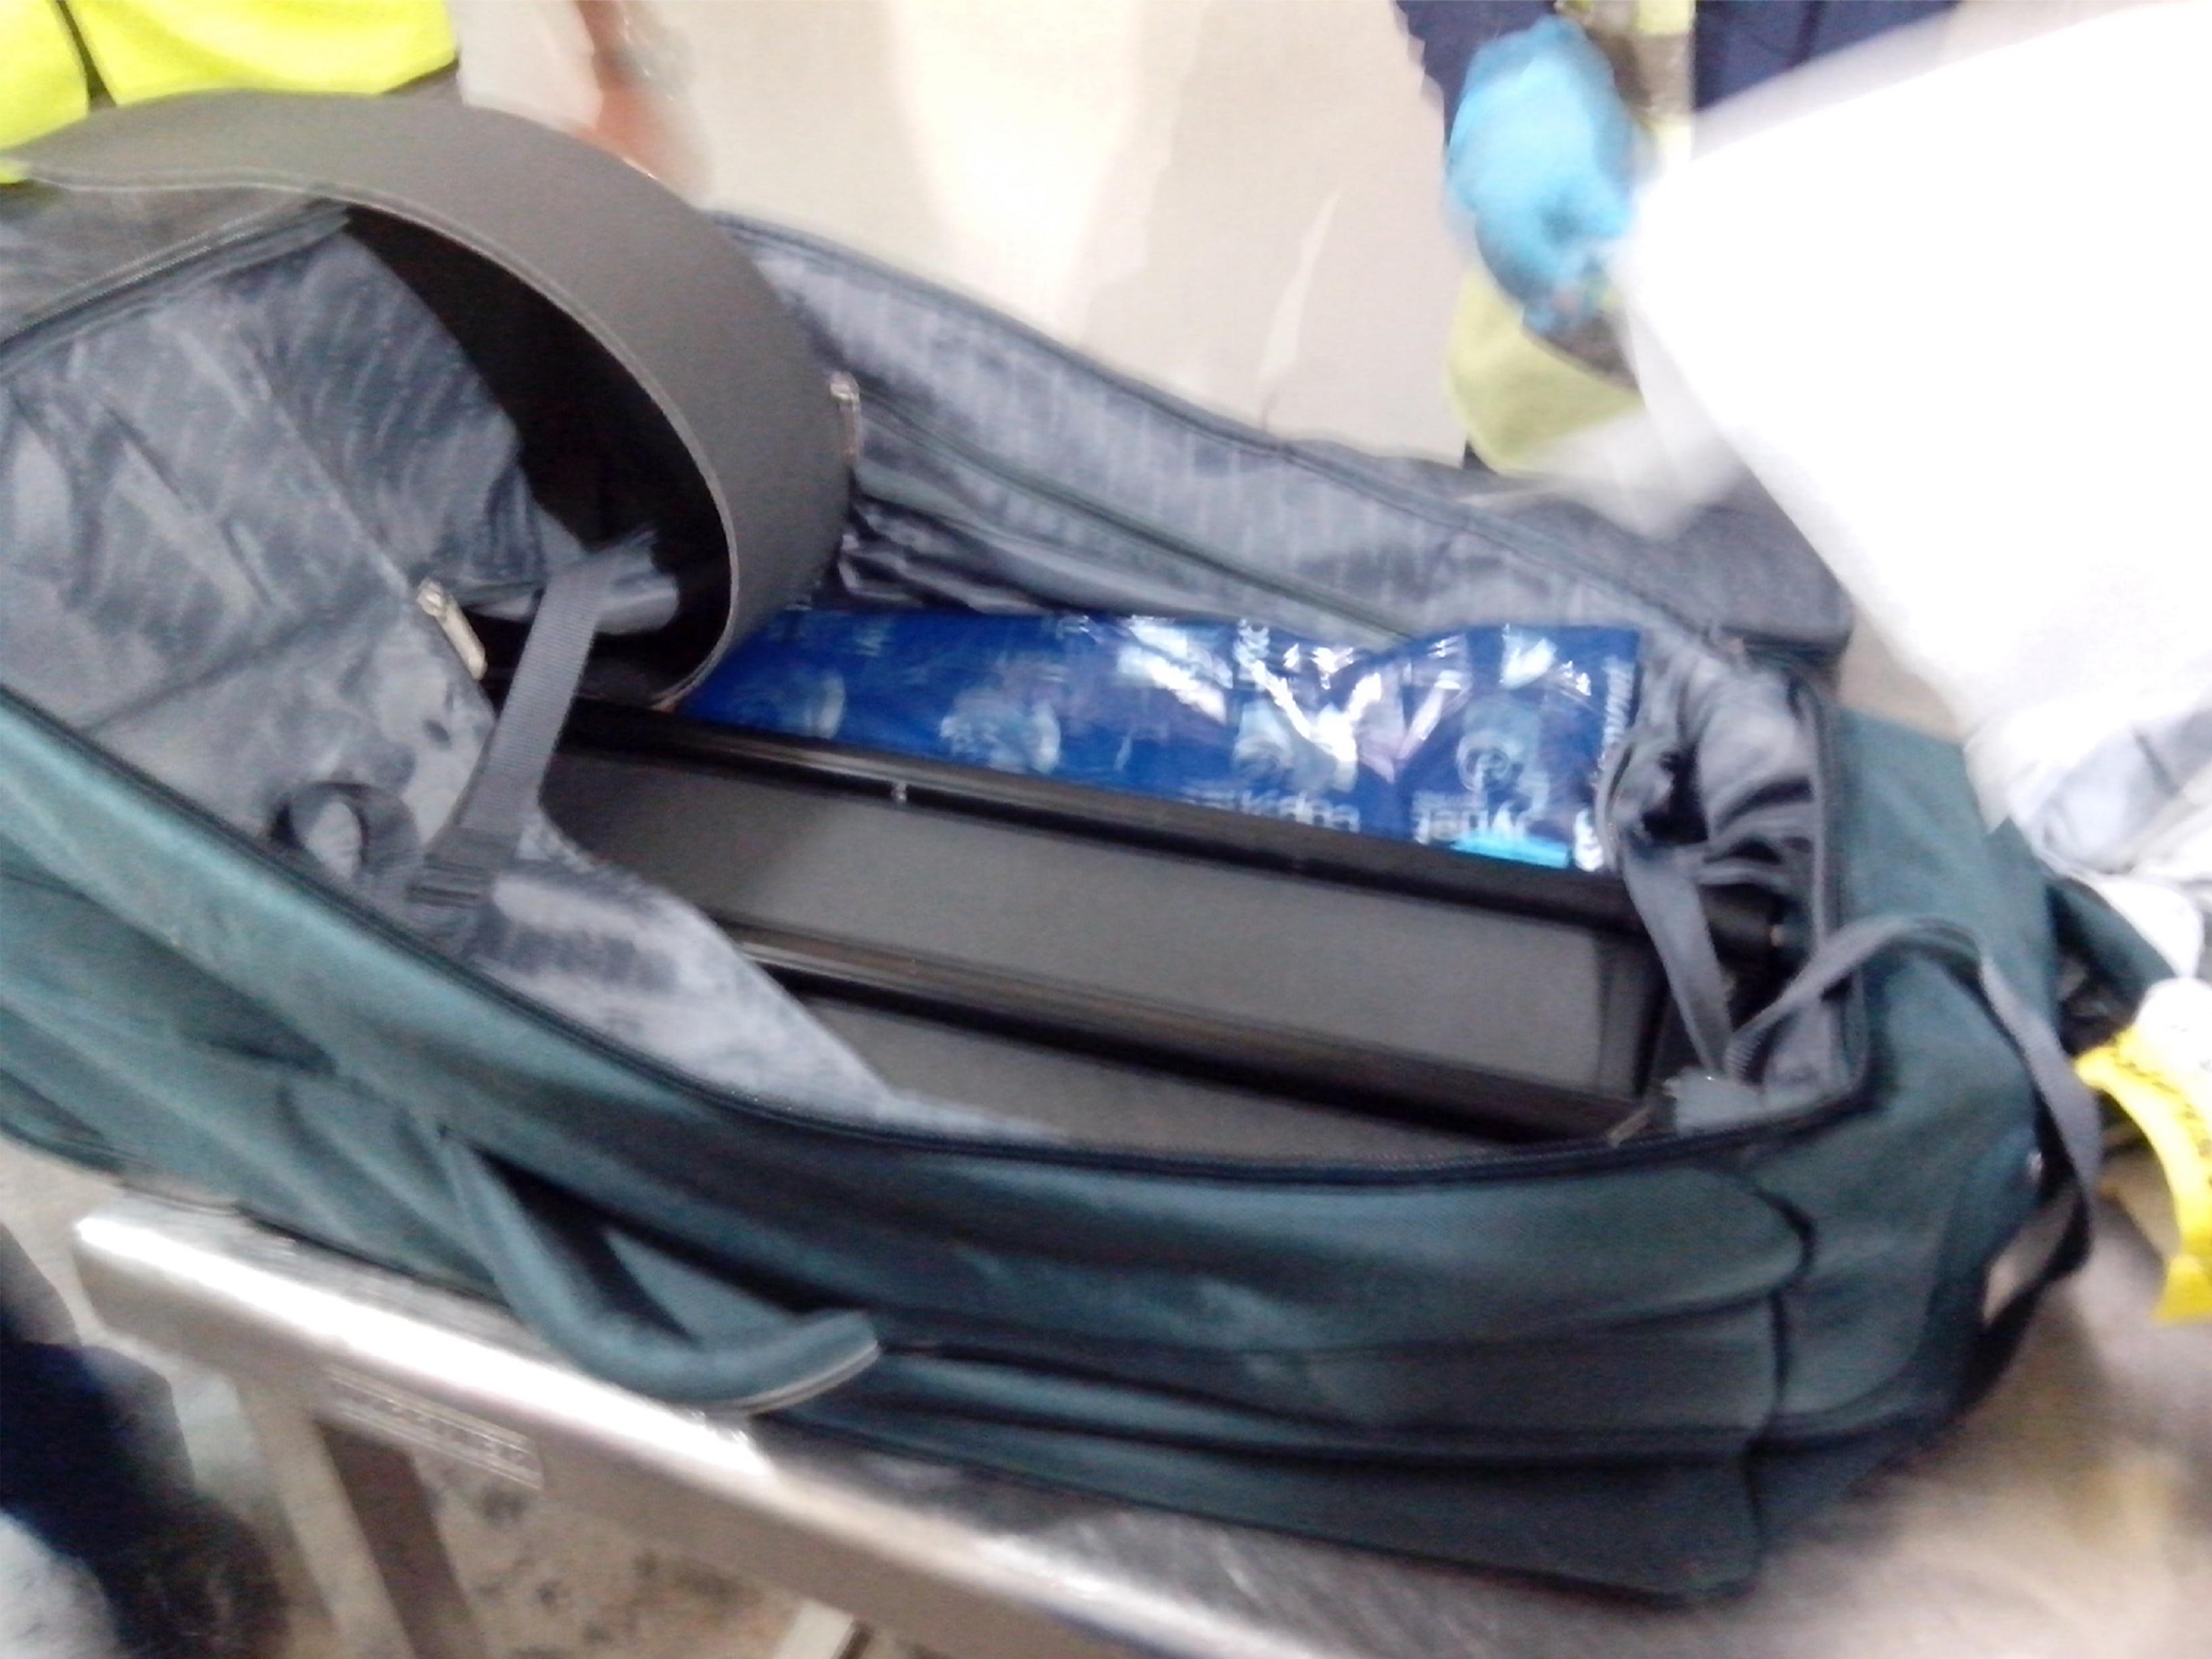 Detienen español en aeropuerto presuntamente con tres kilos de drogas